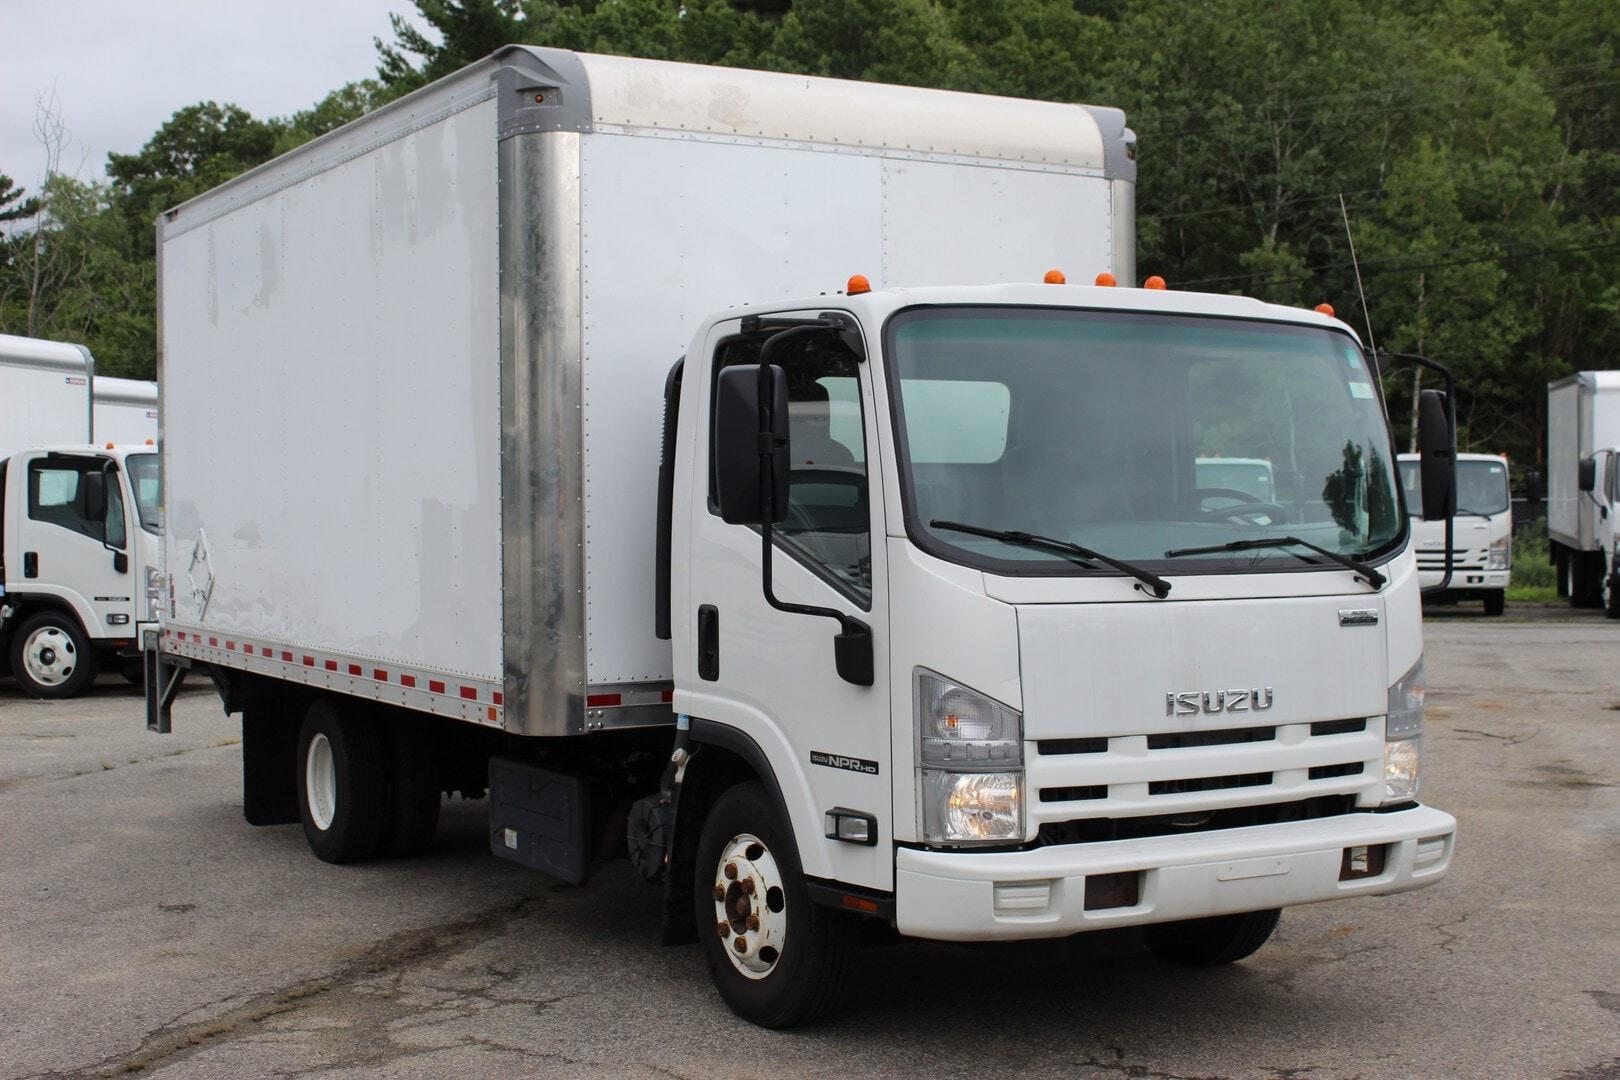 Used, 2015, Isuzu, NPR-HD Diesel, Cab / Chassis Trucks